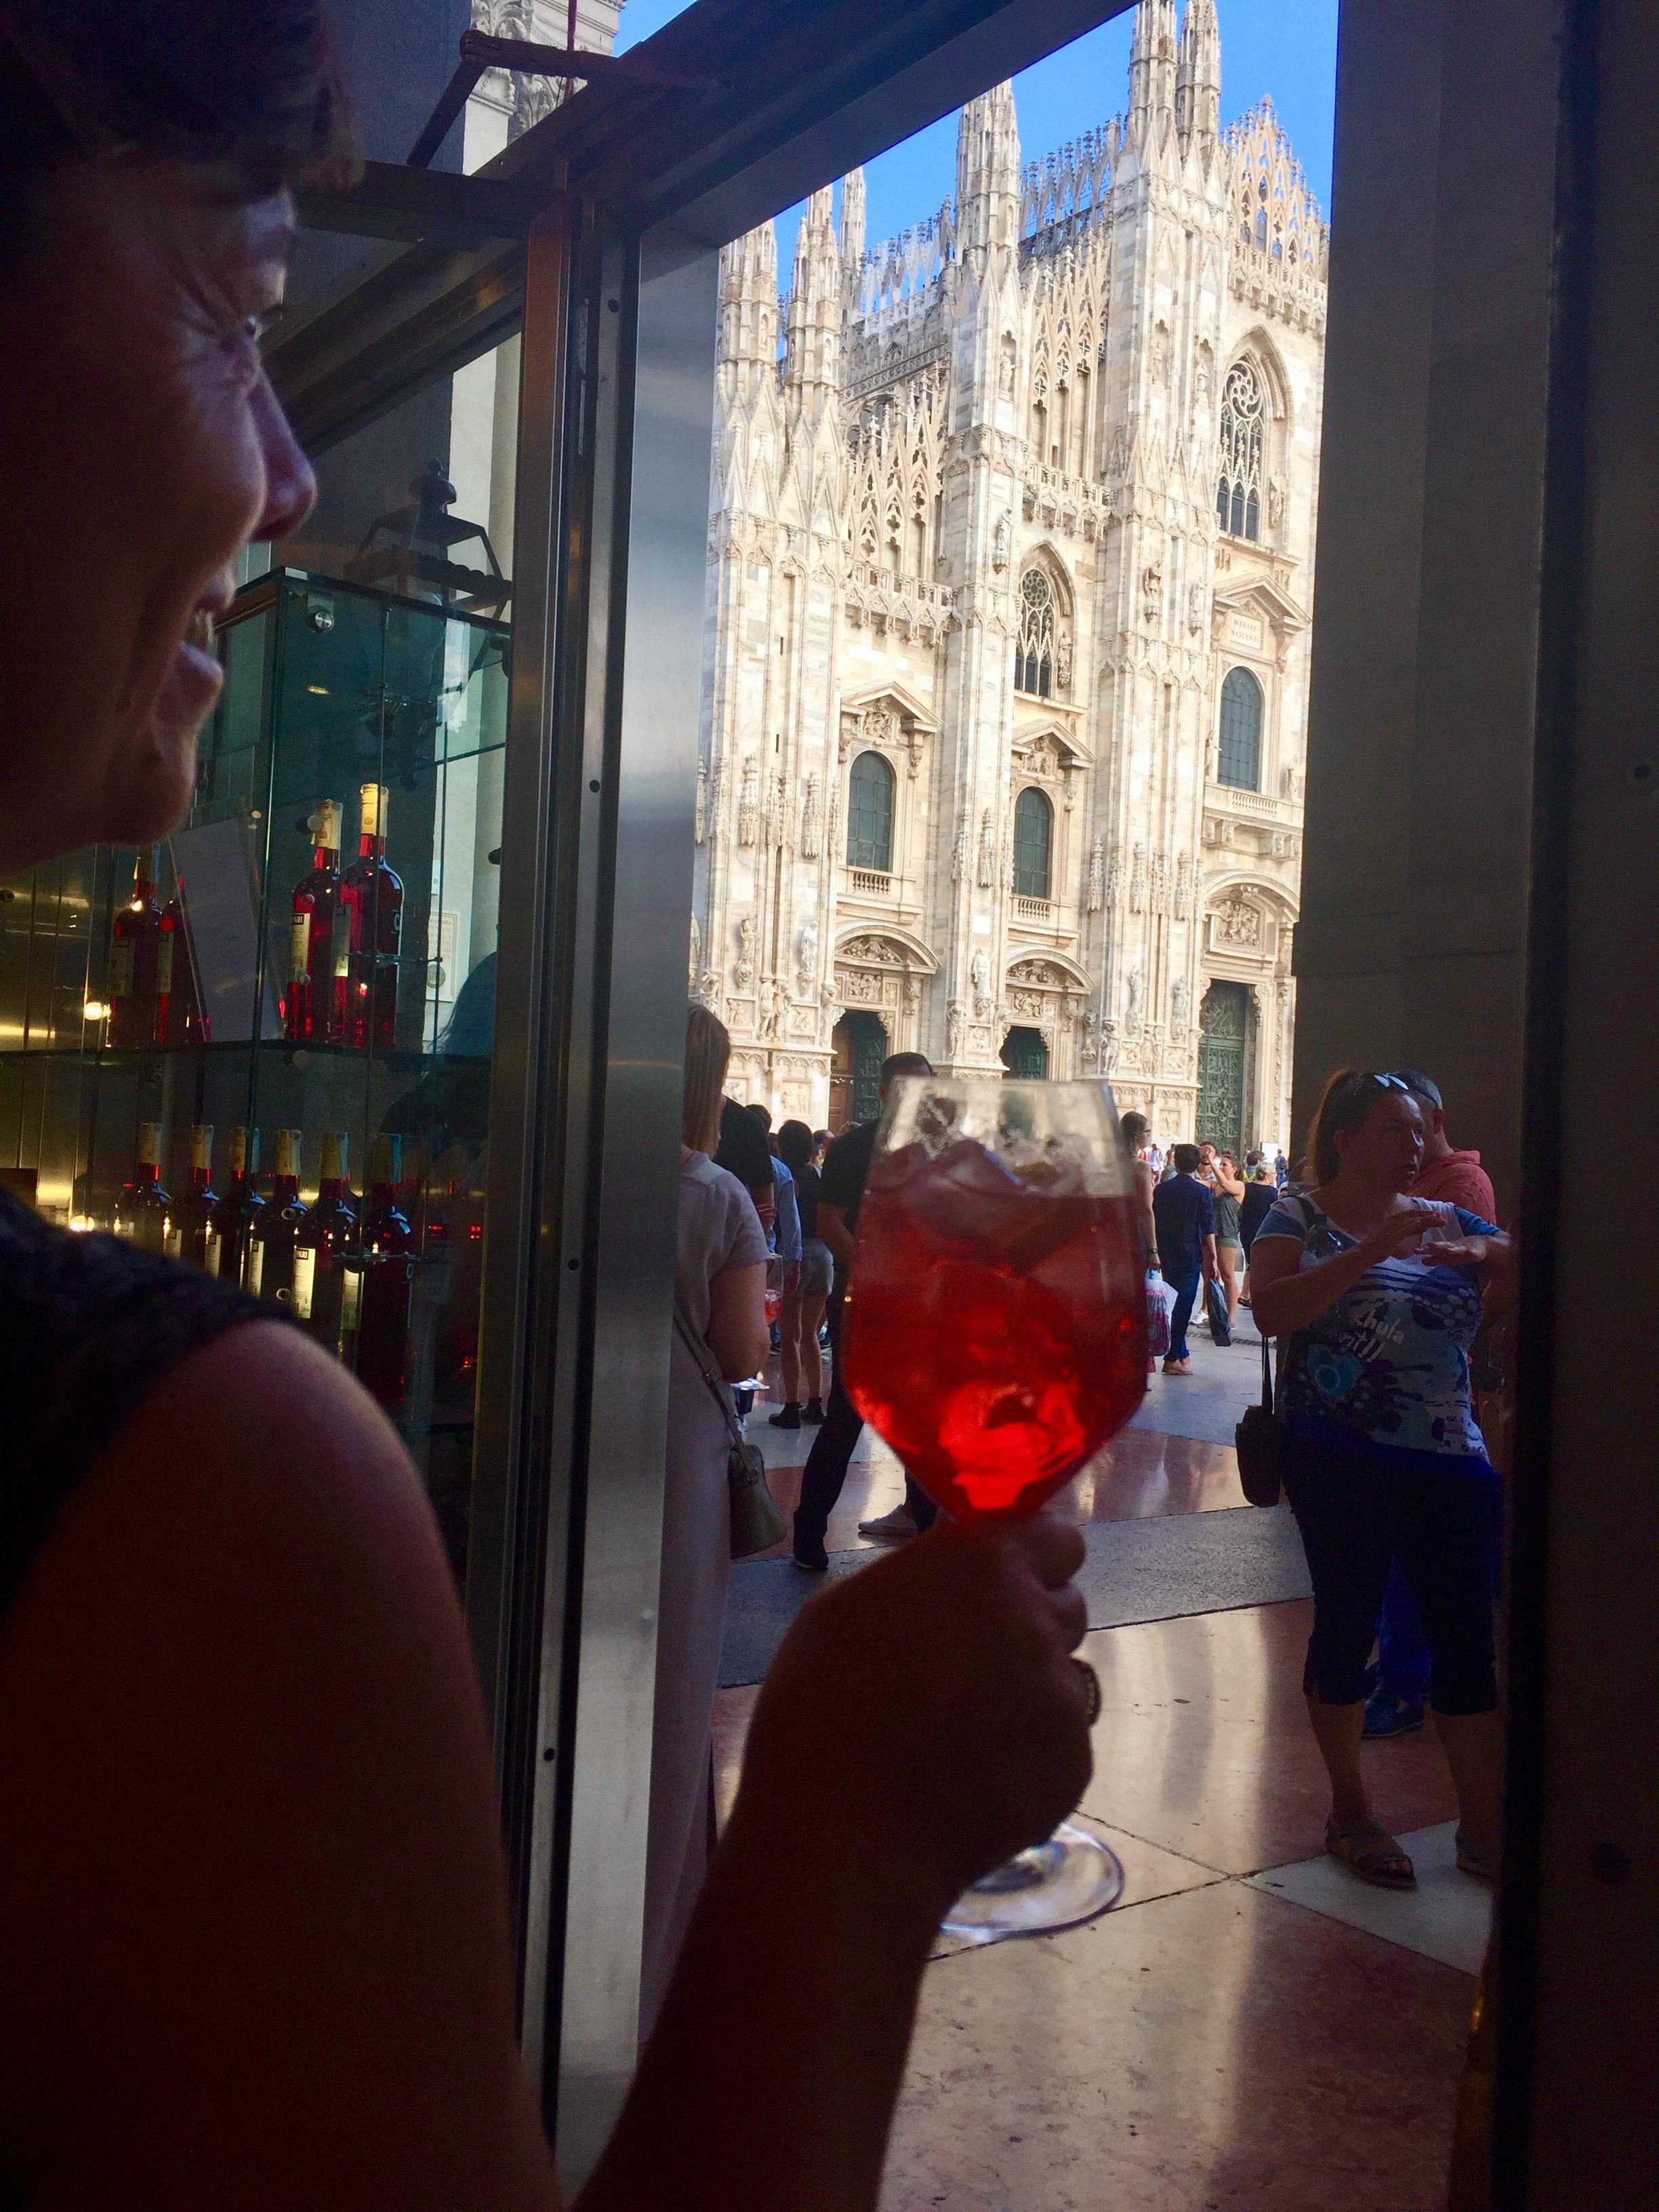 Enjoying a Campari Spritz by the Piazza del Duomo in Milan